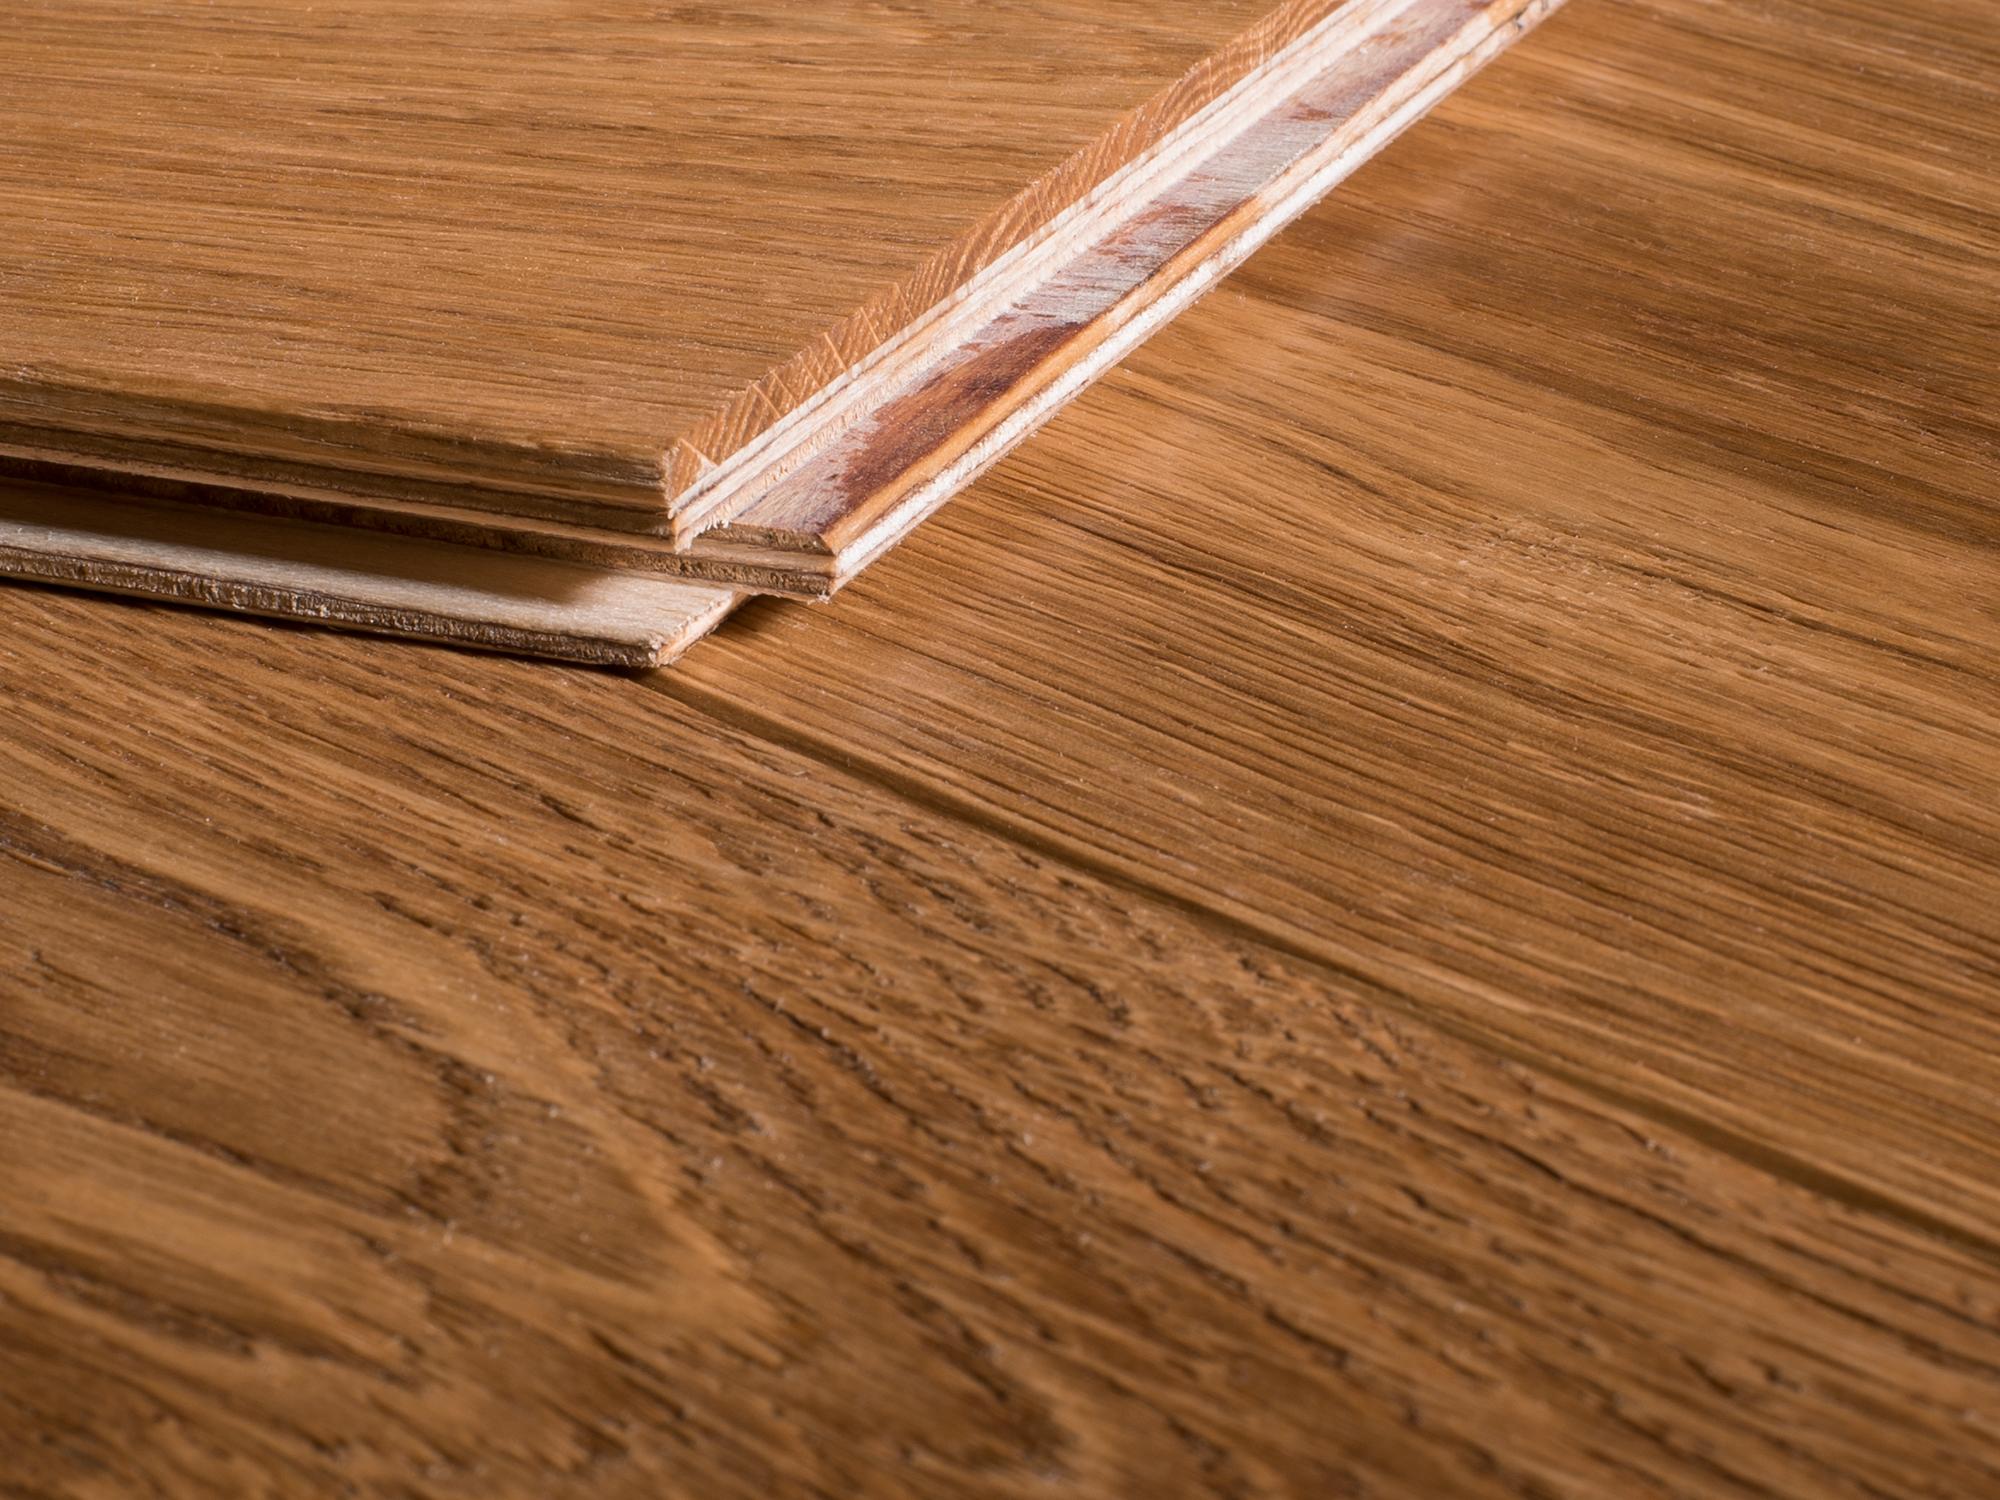 Reuze visgraat eiken geborsteld geolied parket vloer cm